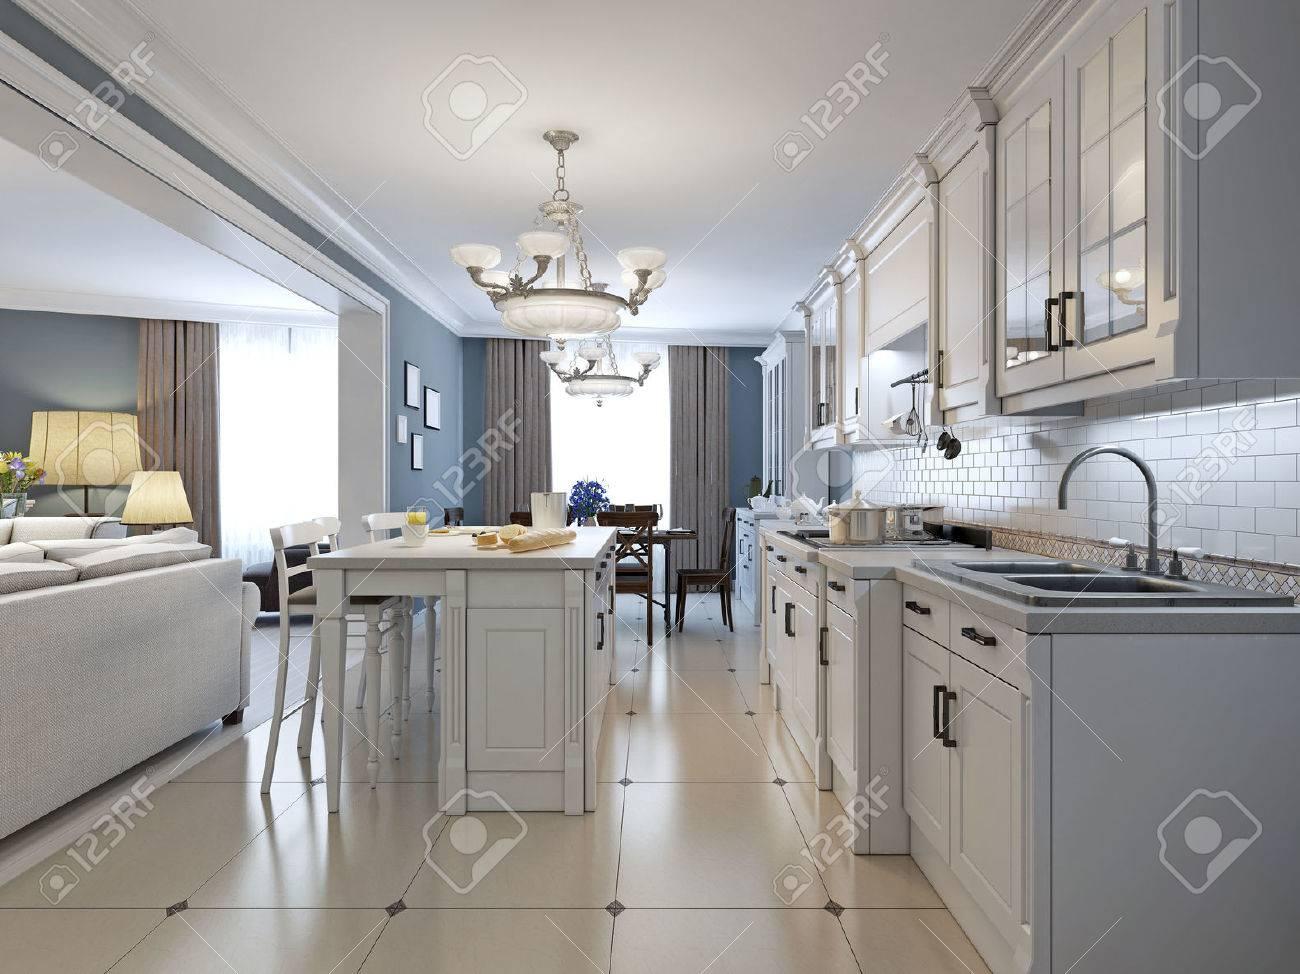 Küche Mit Küchengeräten Aus Edelstahl, Weiße Schränke, Weiße Ziegel ...